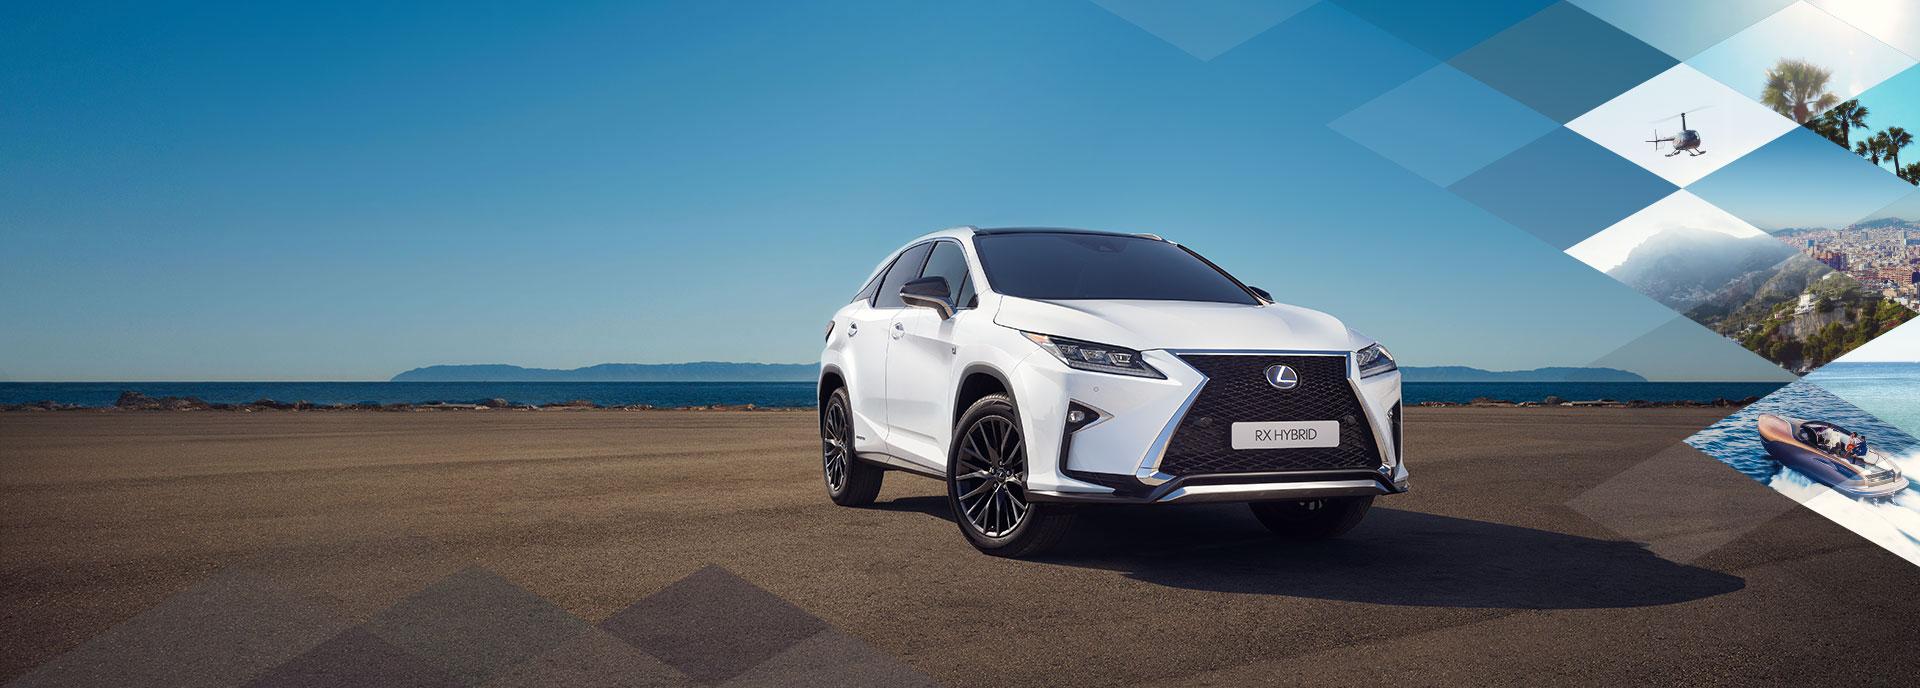 Vista frontale diagonale di un RX Hybrid bianco F SPORT parcheggiato su di una spiaggia